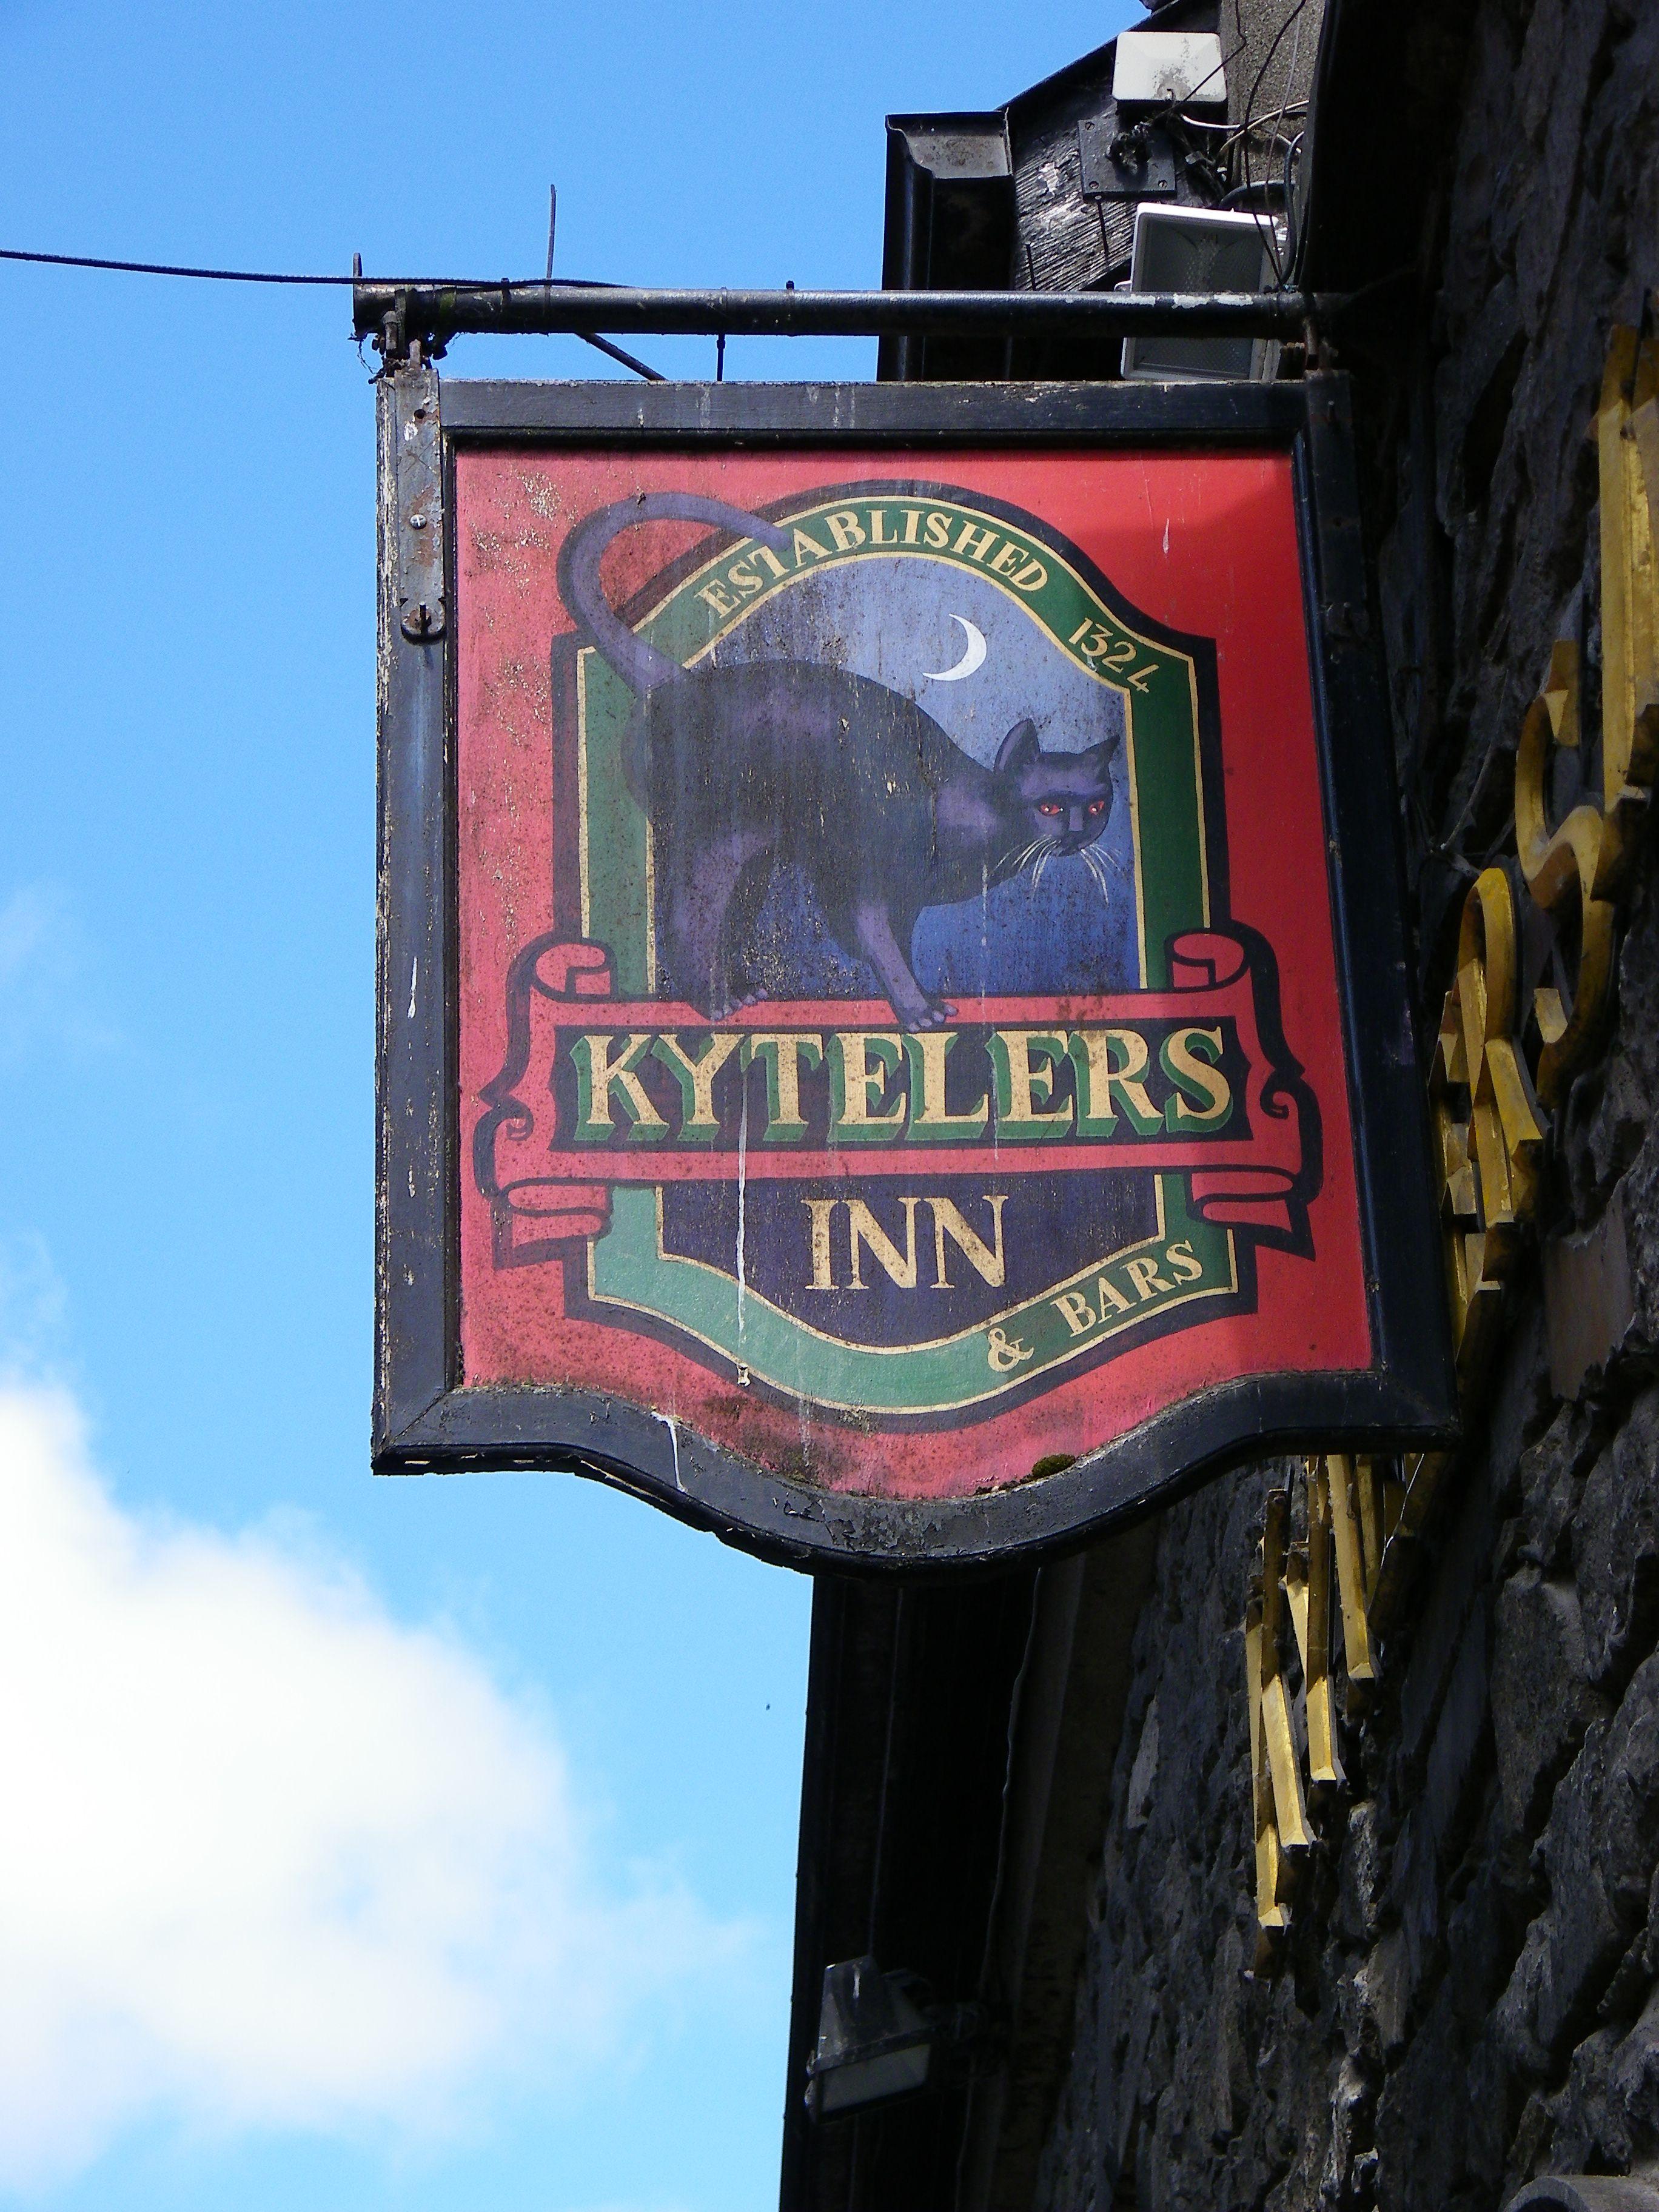 Kyteler's Inn Kilkenny, County Kilkenny, Ireland